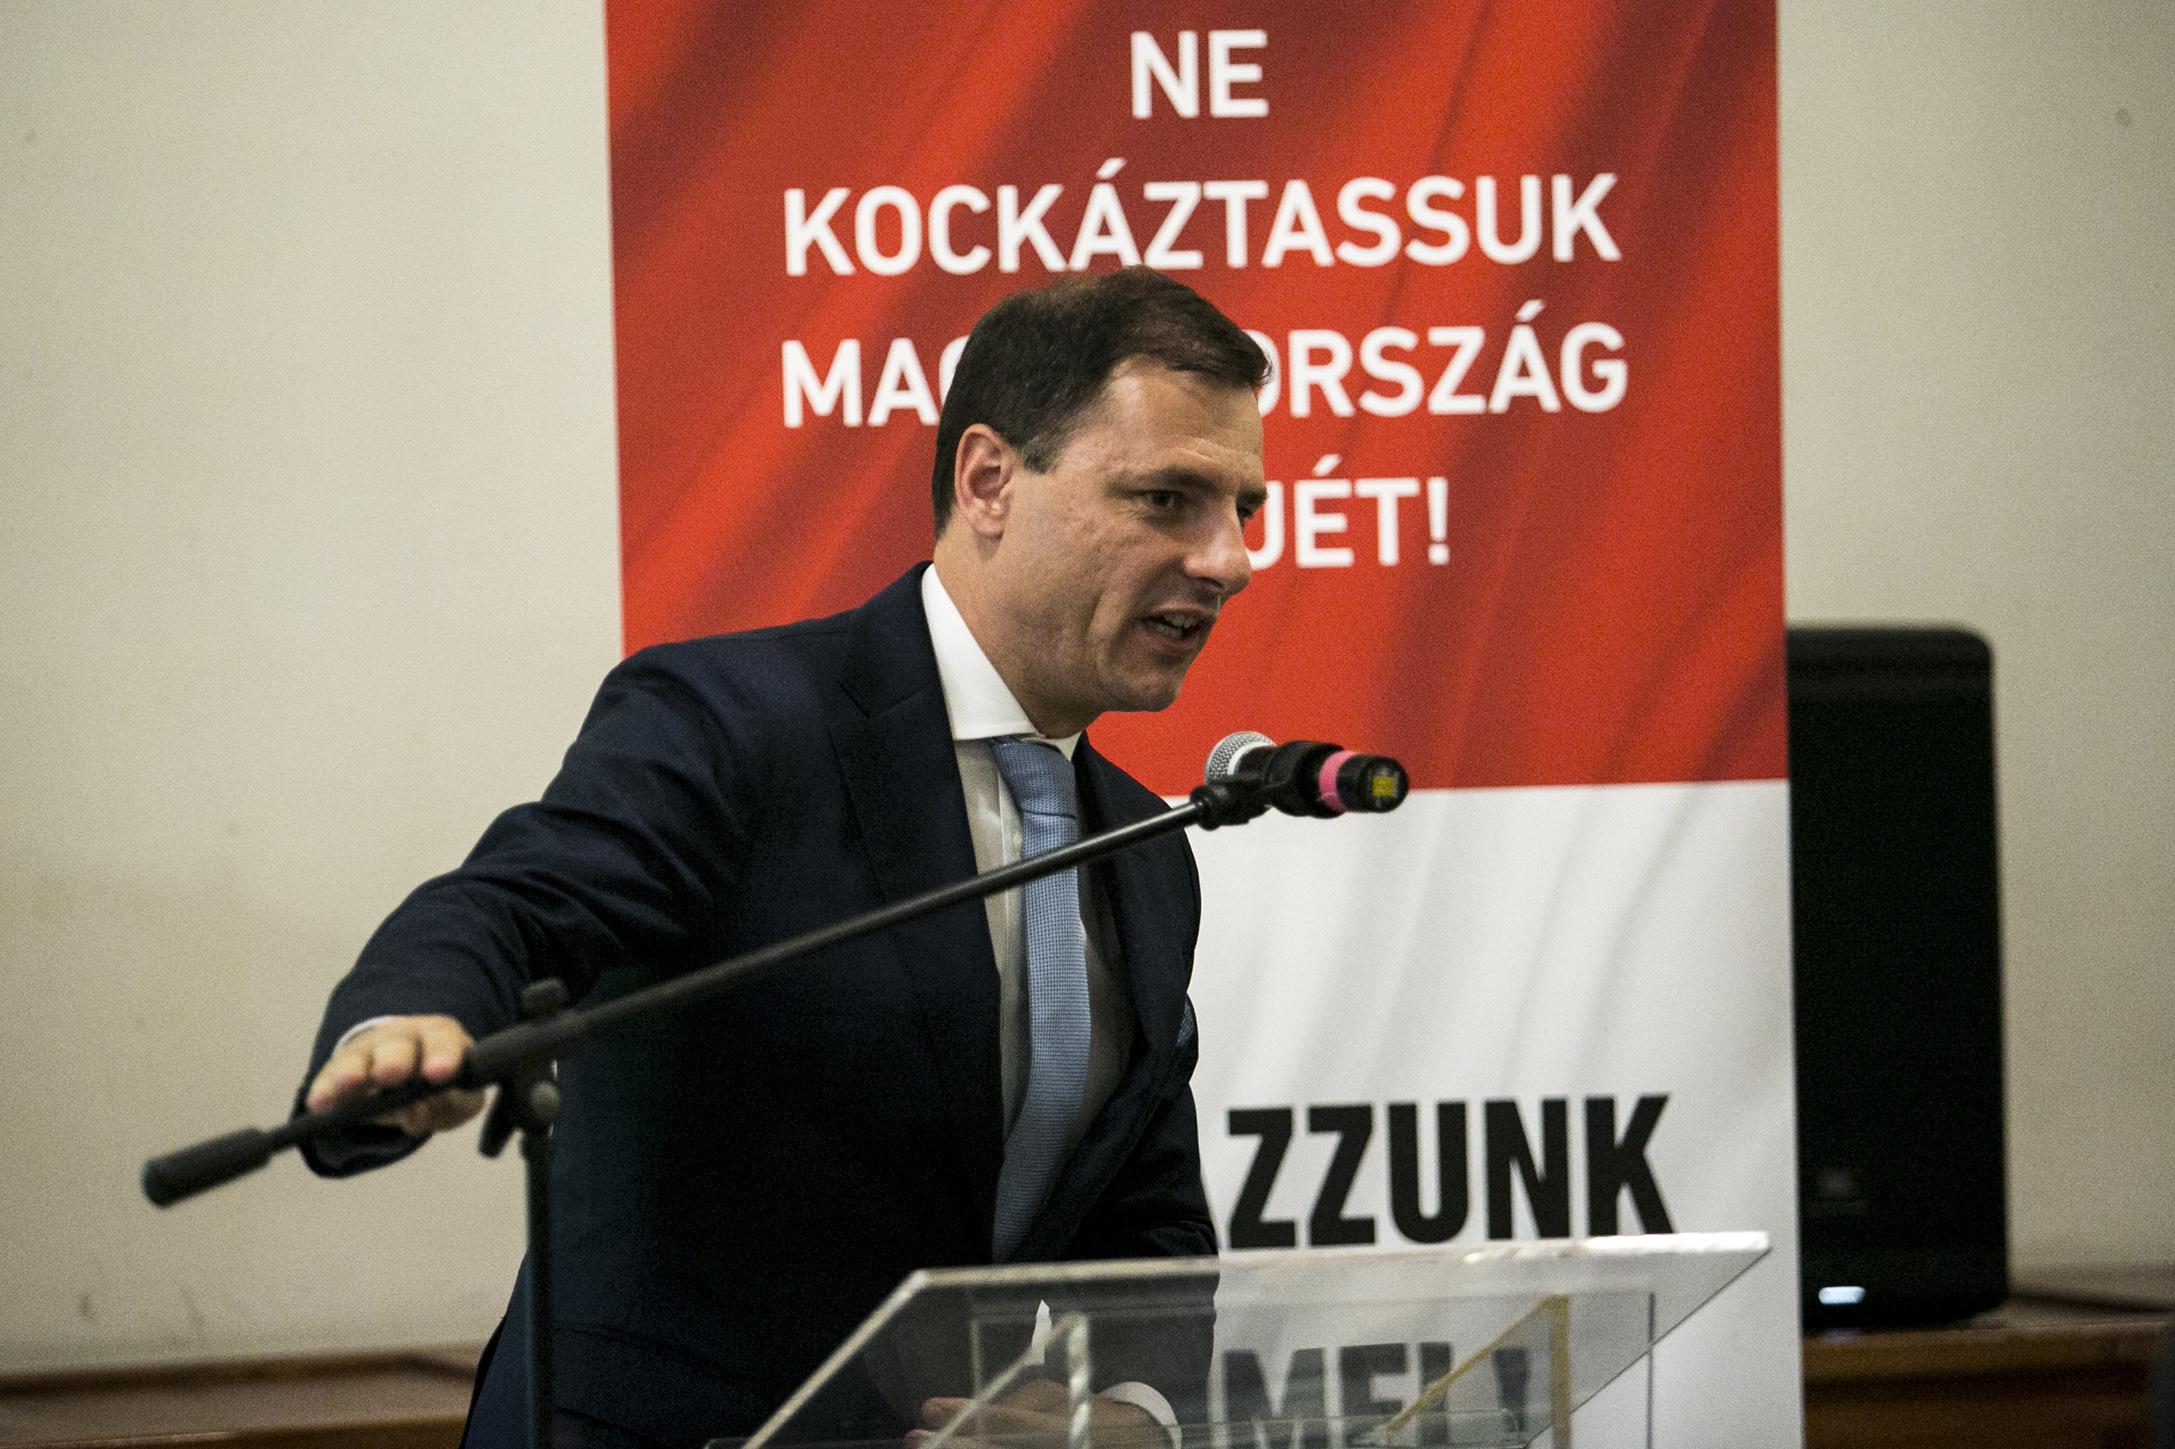 Tuzson Bence szerint nem a Fidesz, hanem 3,3 millió nemmel szavazó kéri az alaptörvény módosítását